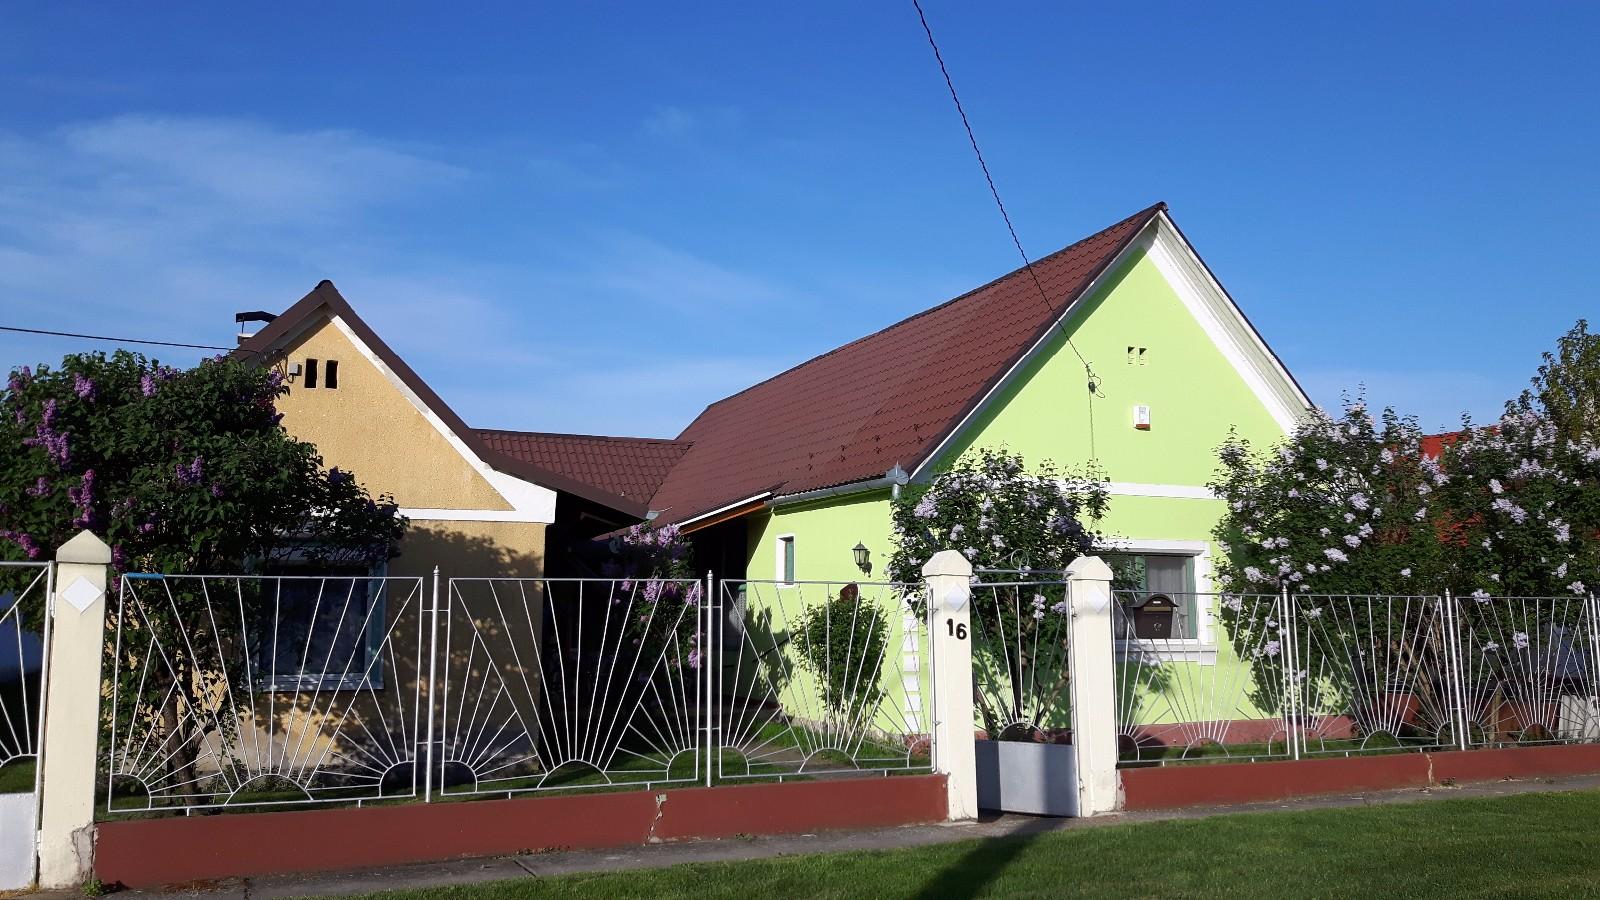 immobilie in ungarn haus kaufen ungarn suchergebnisse. Black Bedroom Furniture Sets. Home Design Ideas